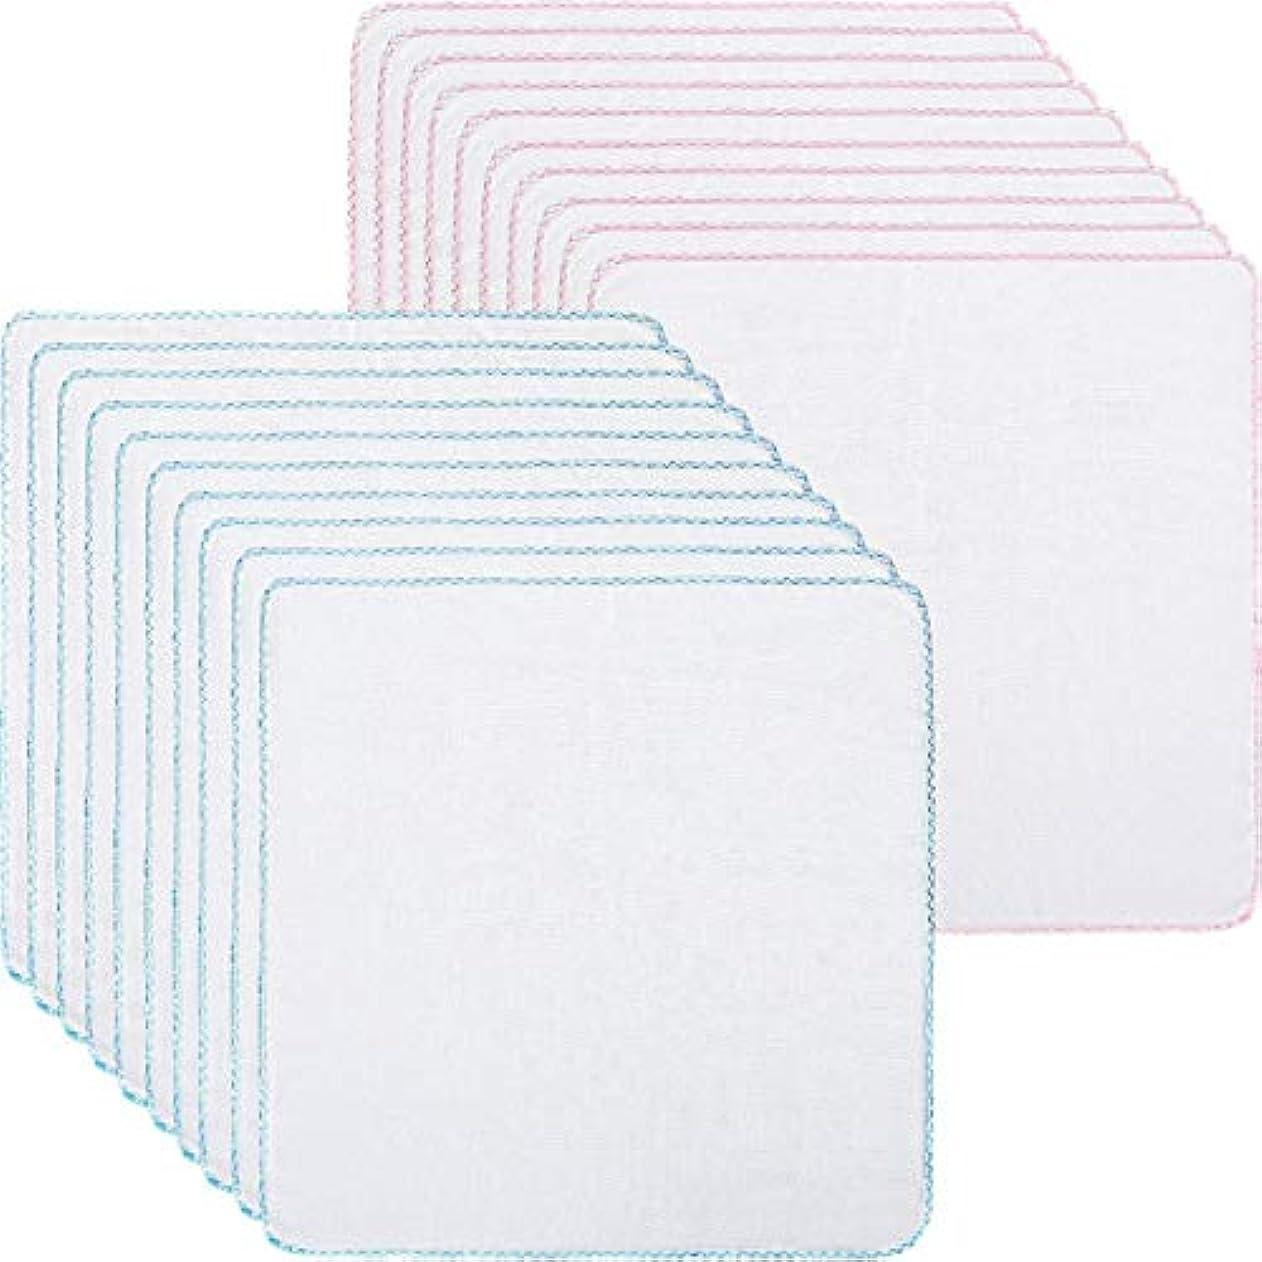 ダルセット主人見つけるWadachikis フレンドリー20ピースピュアコットンフェイシャルクレンジングモスリン布ソフトフェイシャルクレンジングメイクリムーバー布、青とピンク